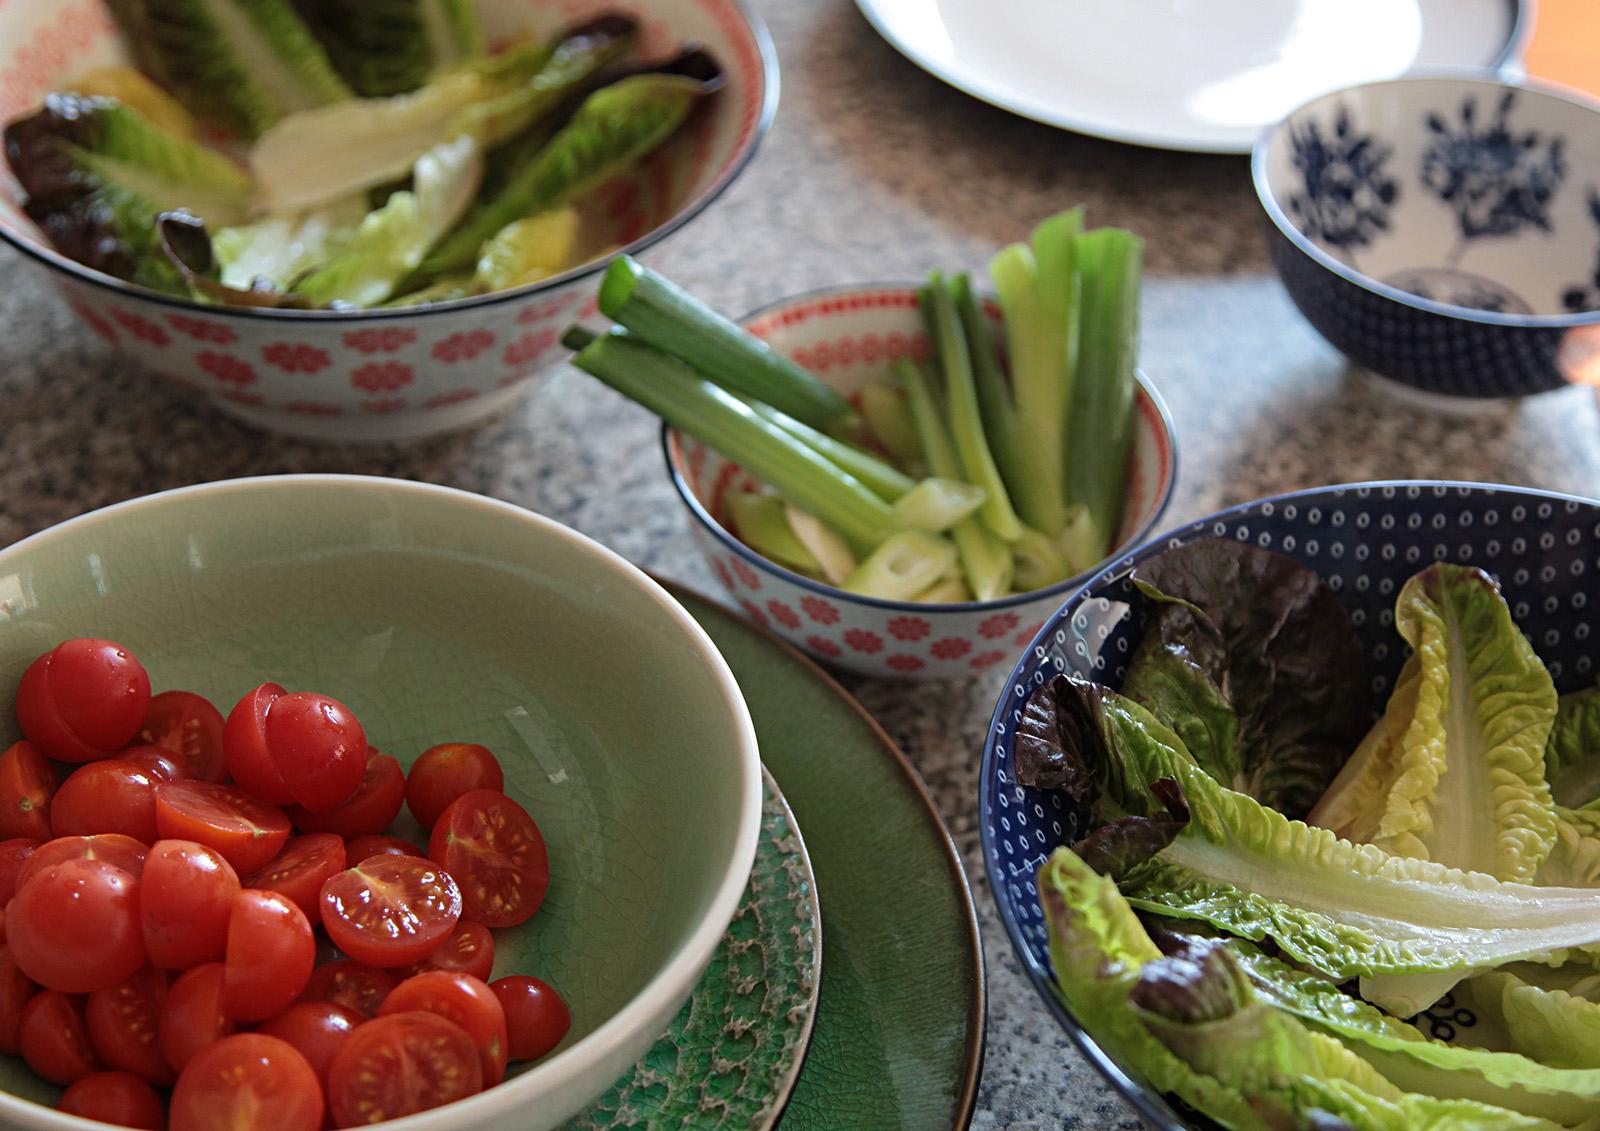 Občas delikátní thajská kuchyně používá i rajčátka